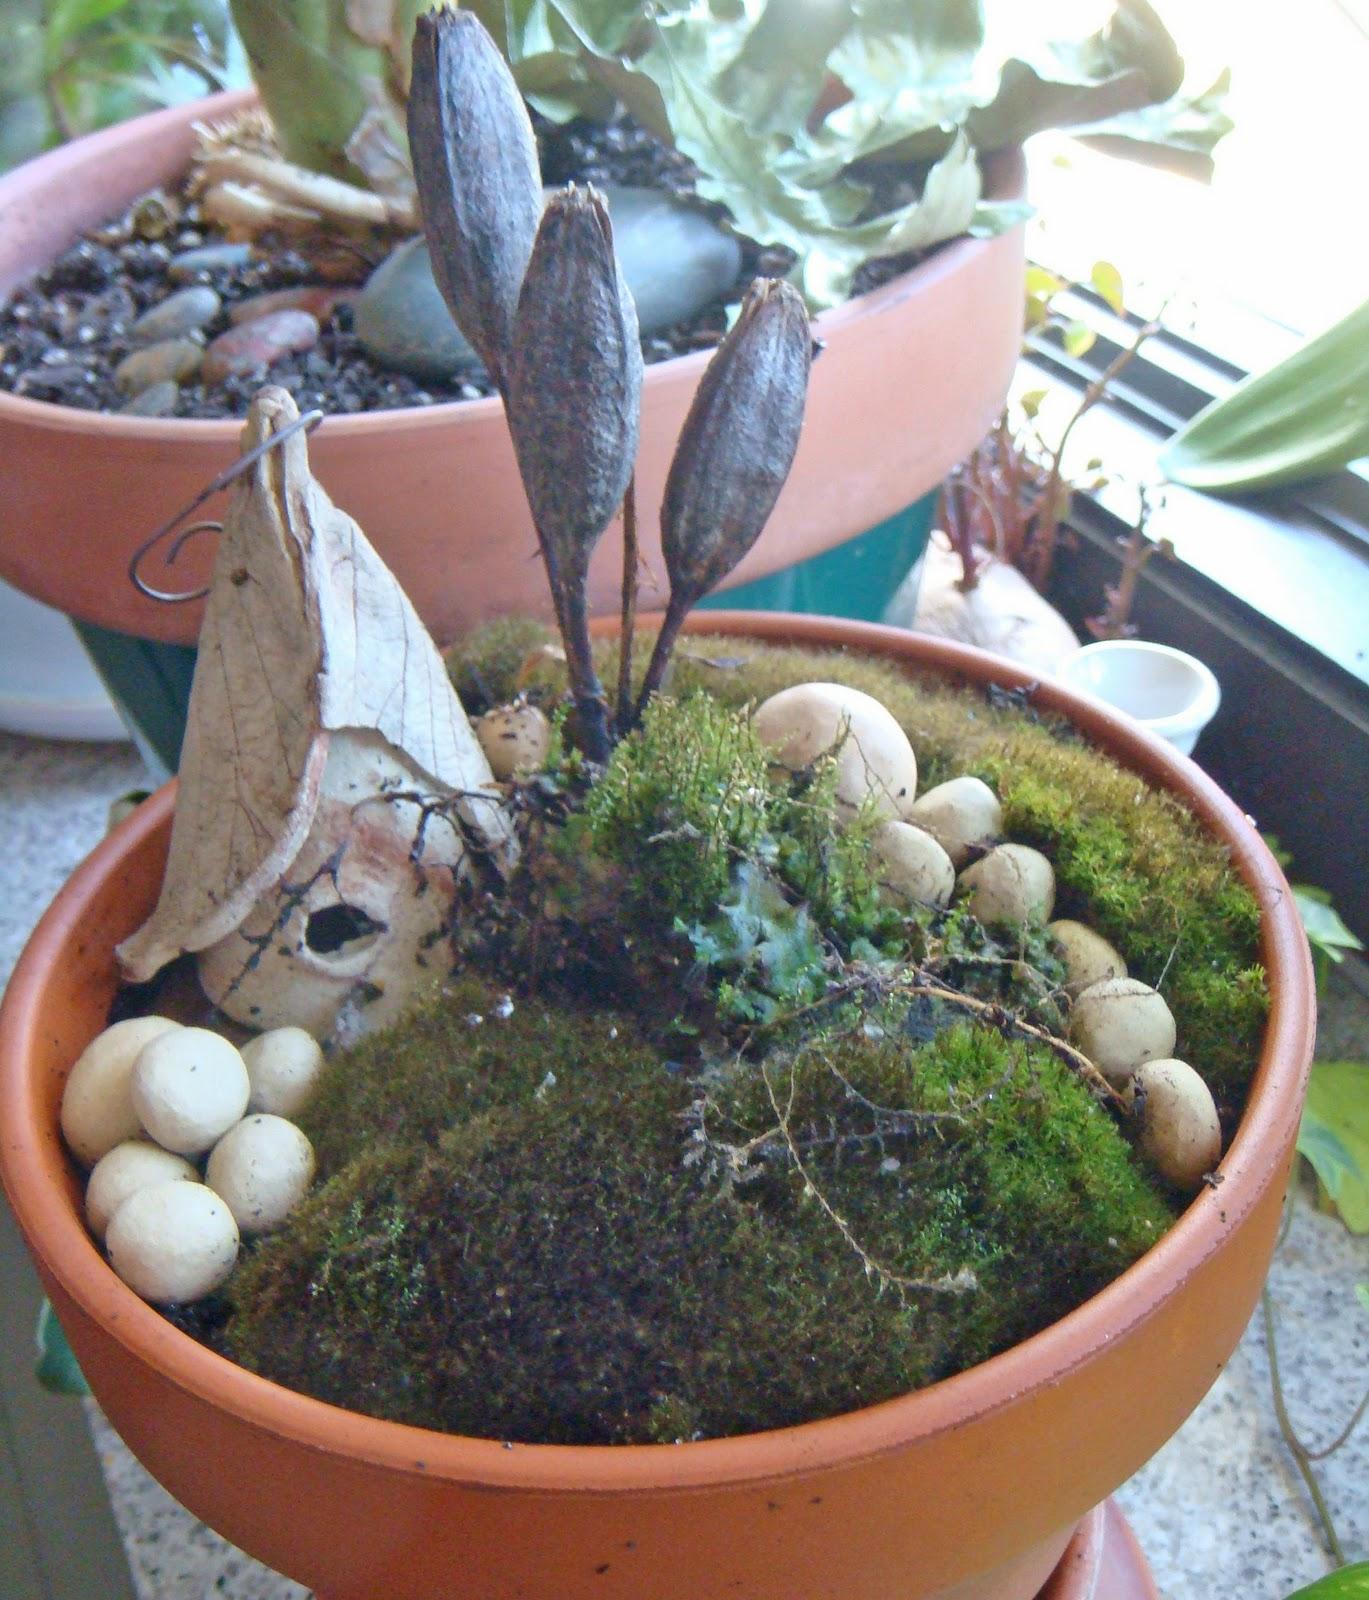 ... miniature moss garden lives under a glass cloche. Under the glass, it